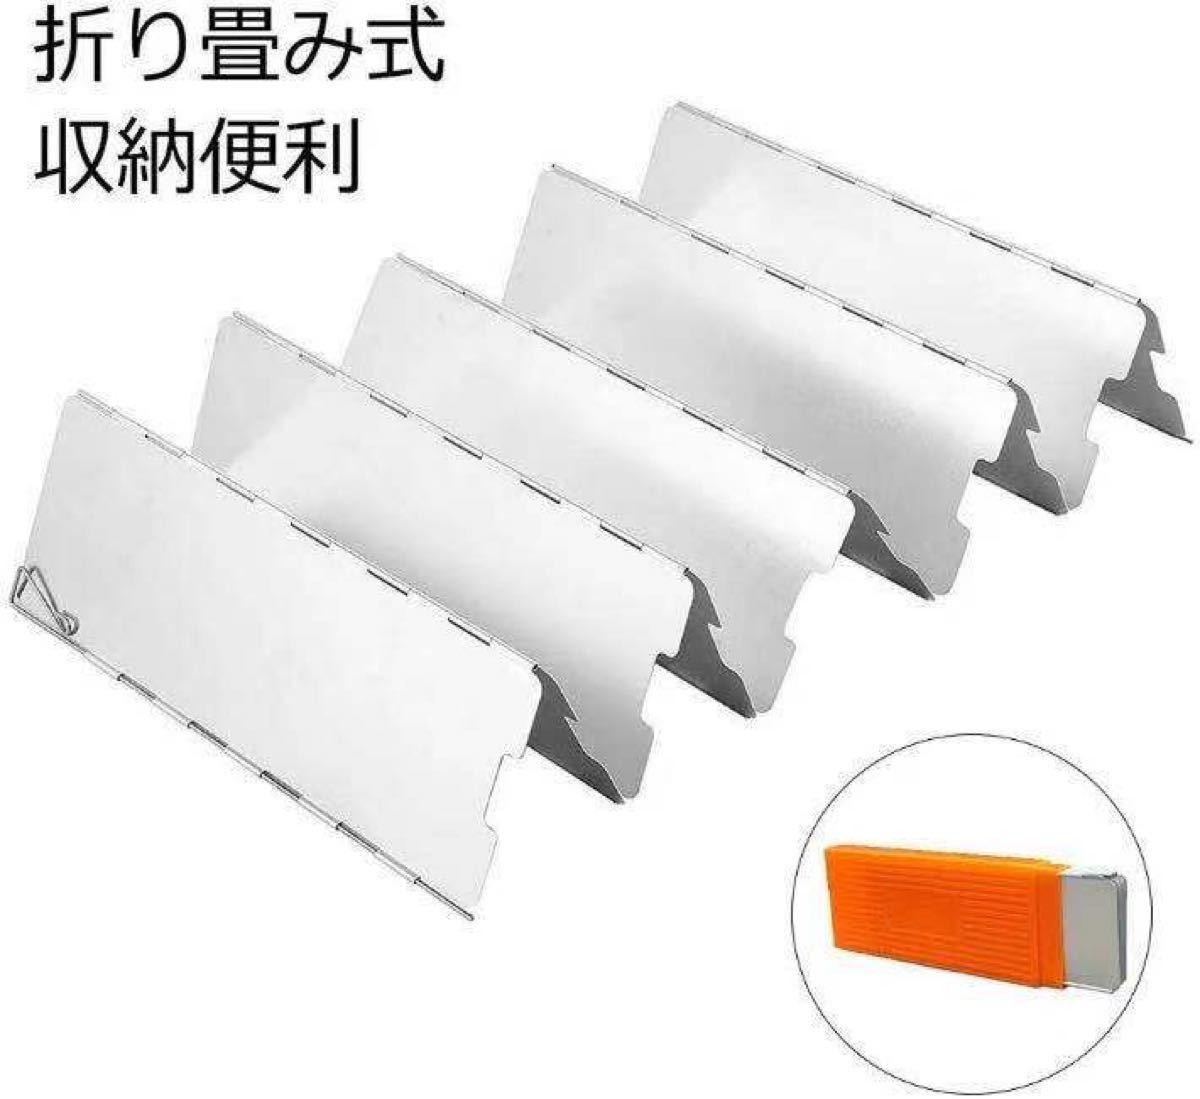 ウインドスクリーン 折り畳み 防風 アルミ製